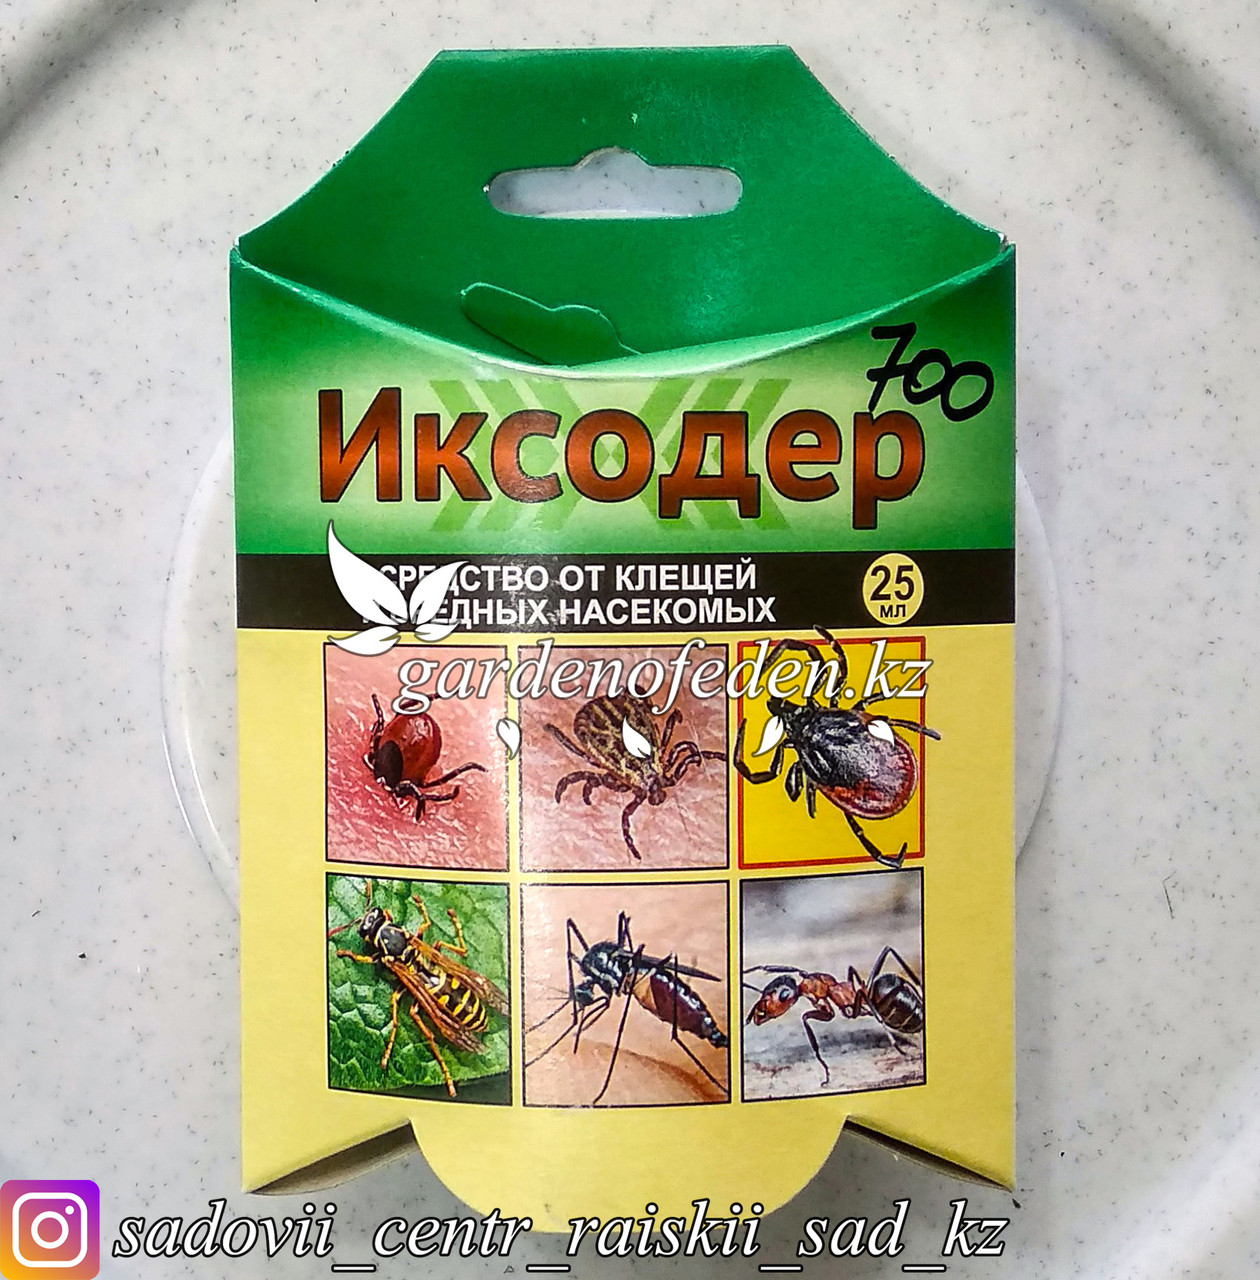 """Средство от клещей и вредных насекомых Ваше хозяйство """"Иксодер"""", 25 мл."""